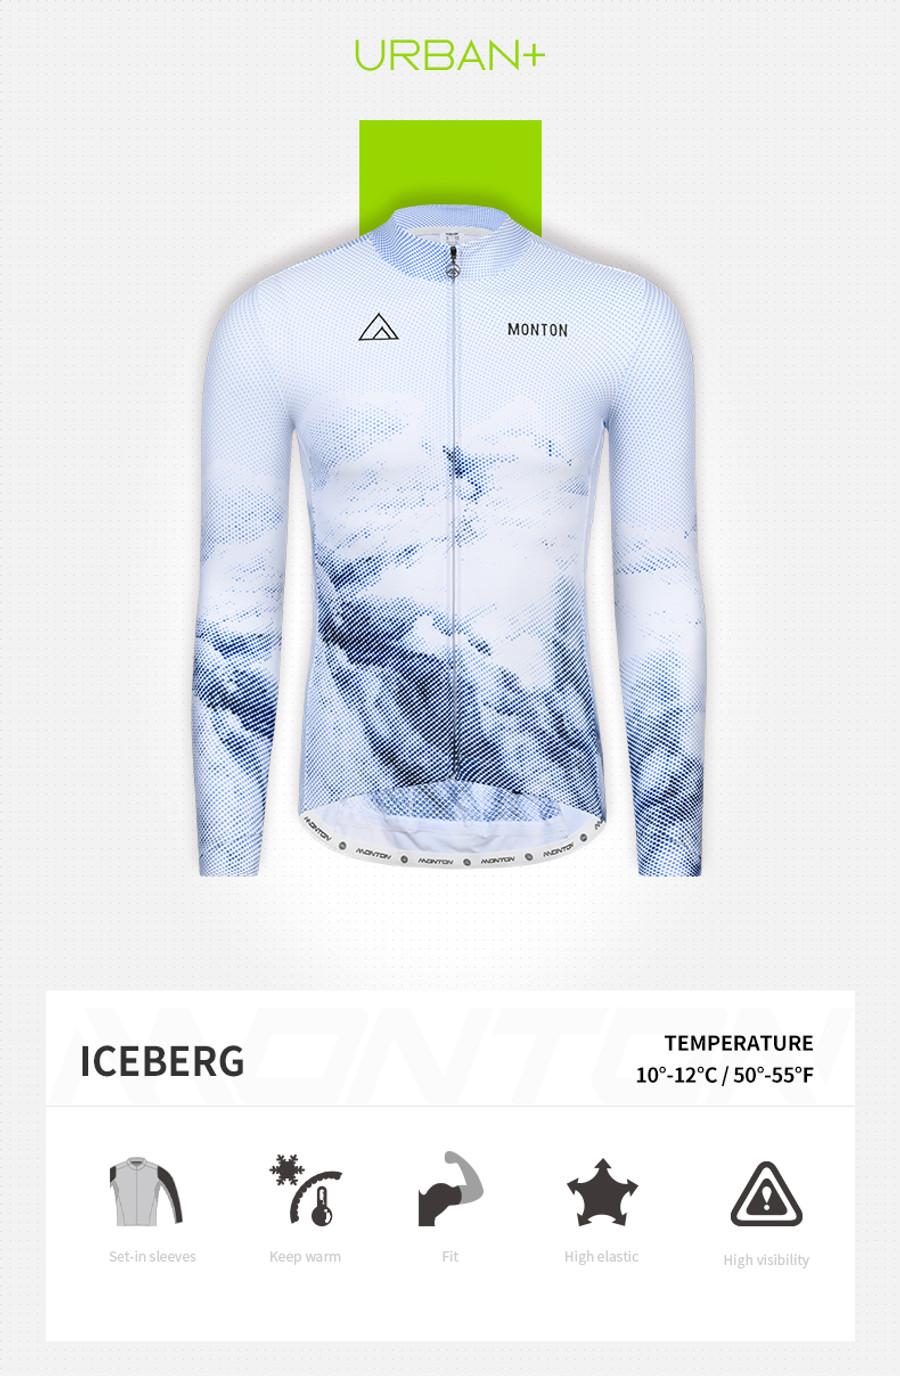 Men's Urban+ Iceberg Thermal l/s Jersey